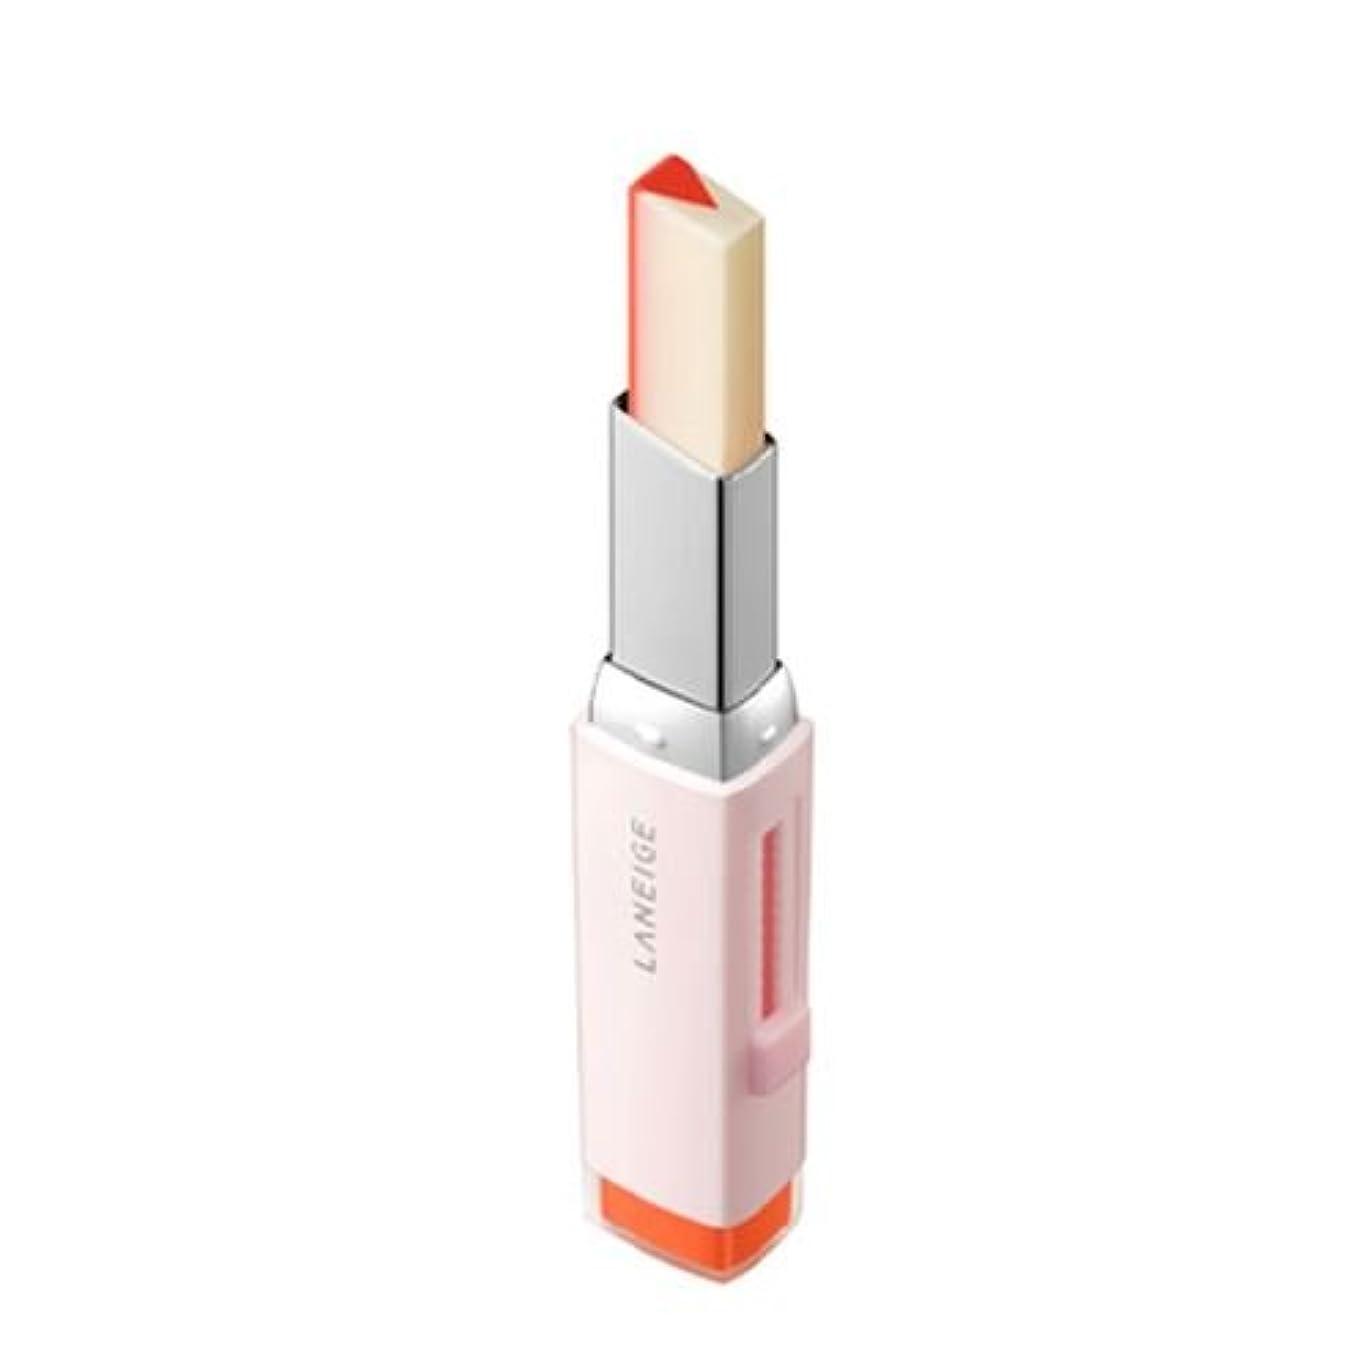 魅惑的な余剰混乱した[New] LANEIGE Two Tone Tint Lip Bar 2g/ラネージュ ツー トーン ティント リップ バー 2g (#02 Tangeine Slice) [並行輸入品]